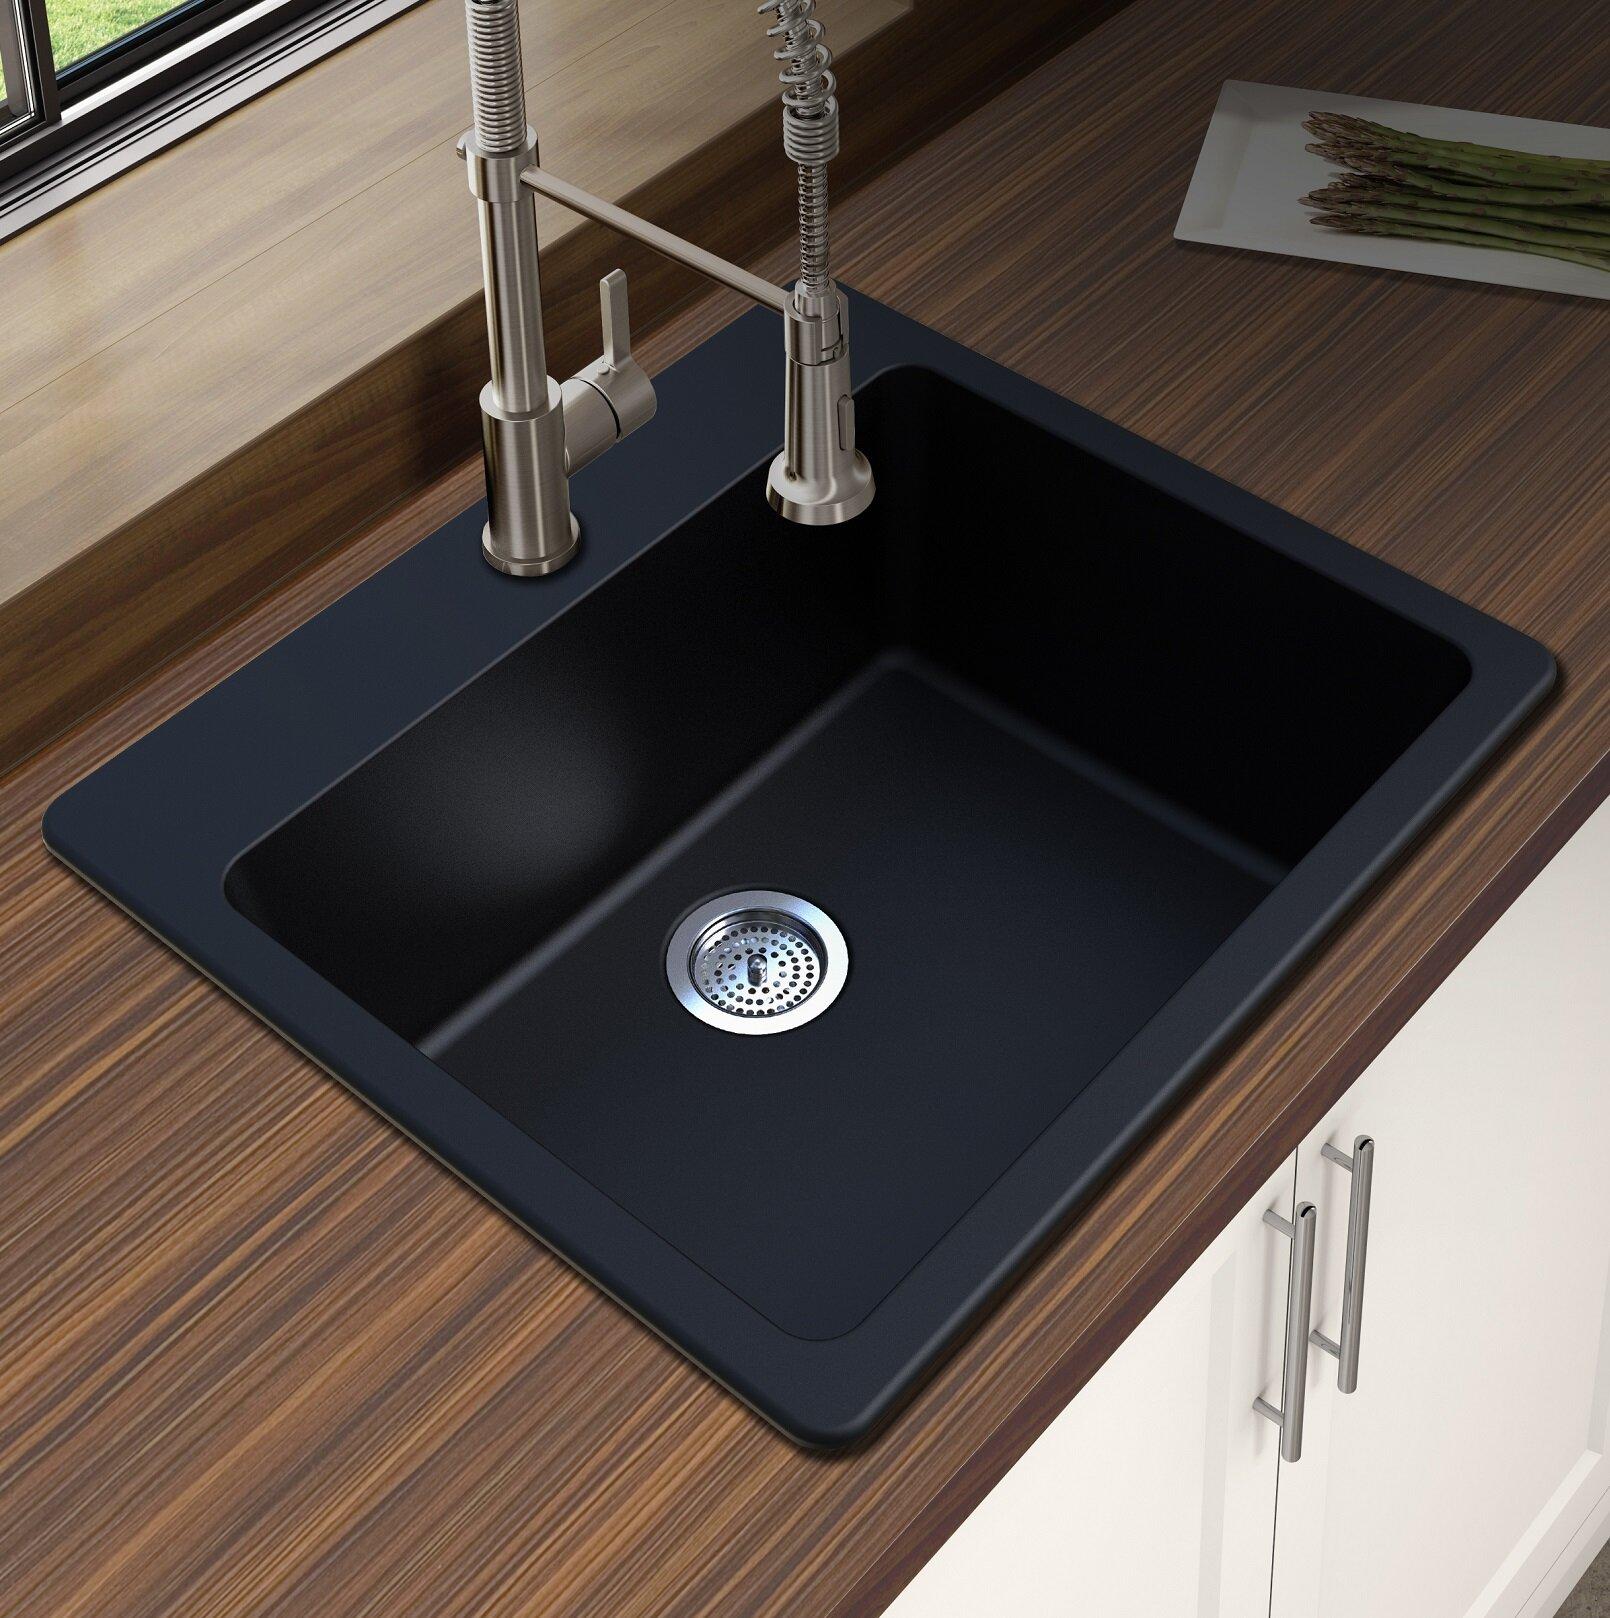 winpro granite quartz 25 l x 22 w single bowl drop in kitchen sink rh wayfair com  kitchen sink overmount or undermount